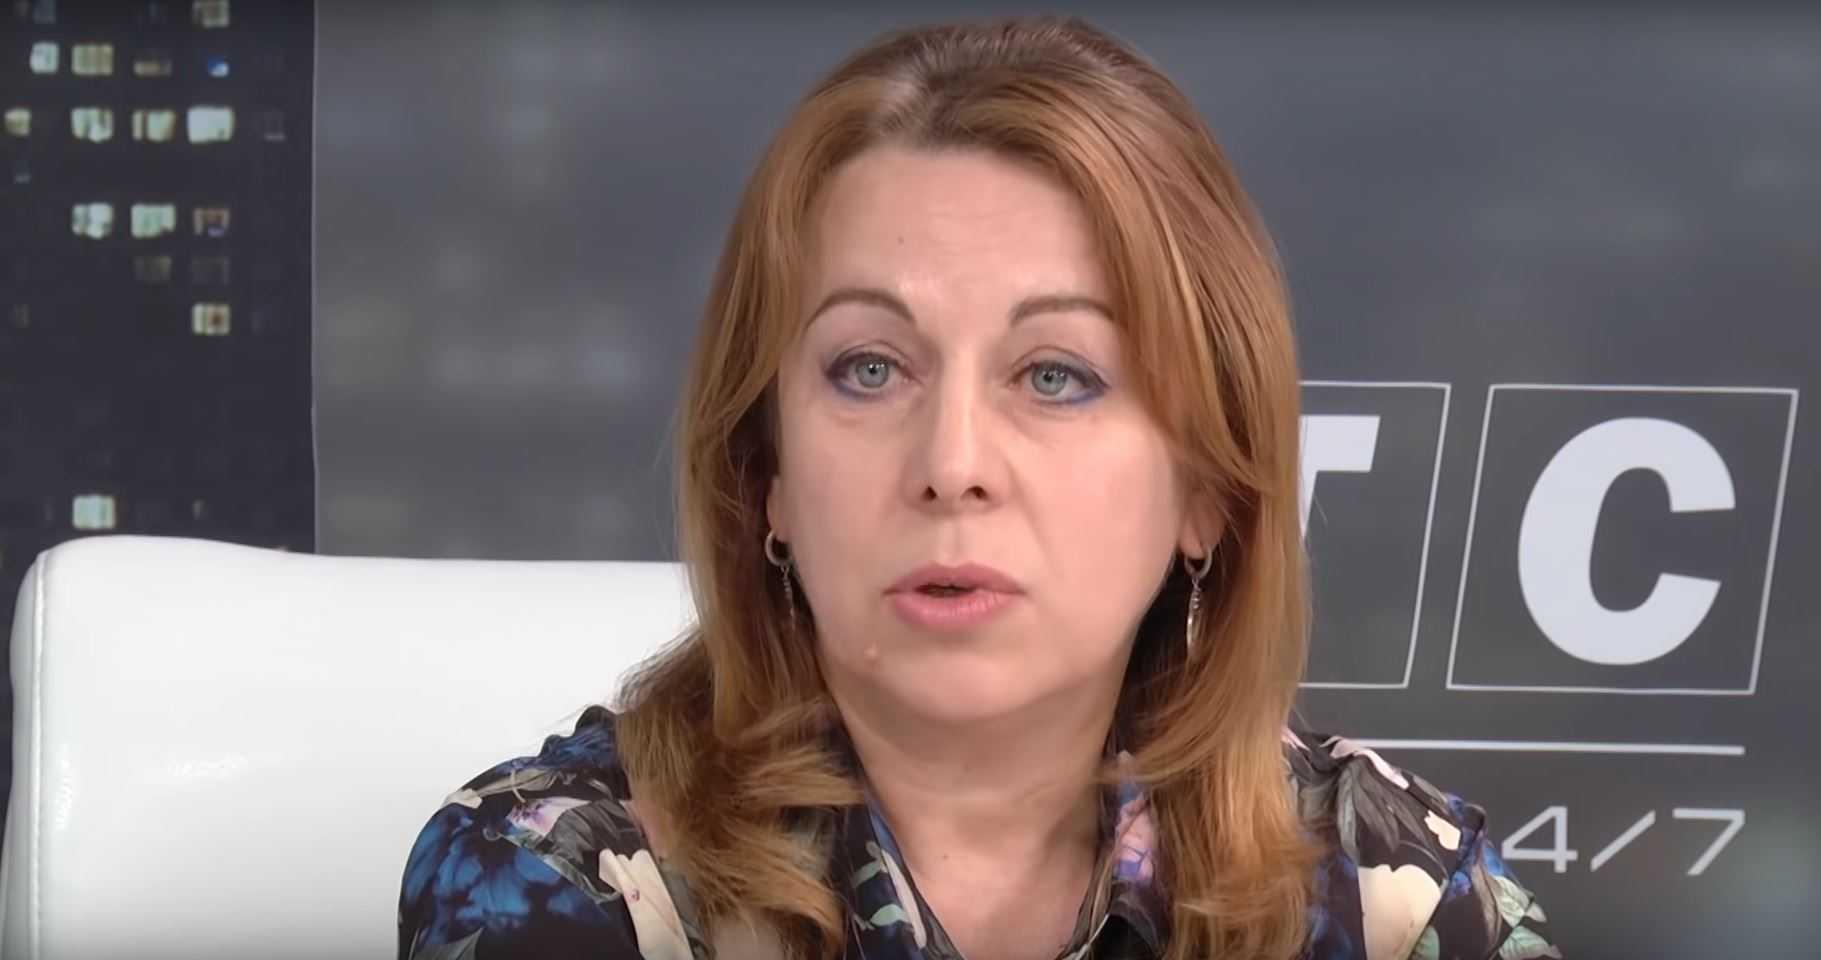 Незадеклароване майно та суди Інни Пащенко: секрети ймовірної очільниці Сумської ОДА (ОНОВЛЕНО)